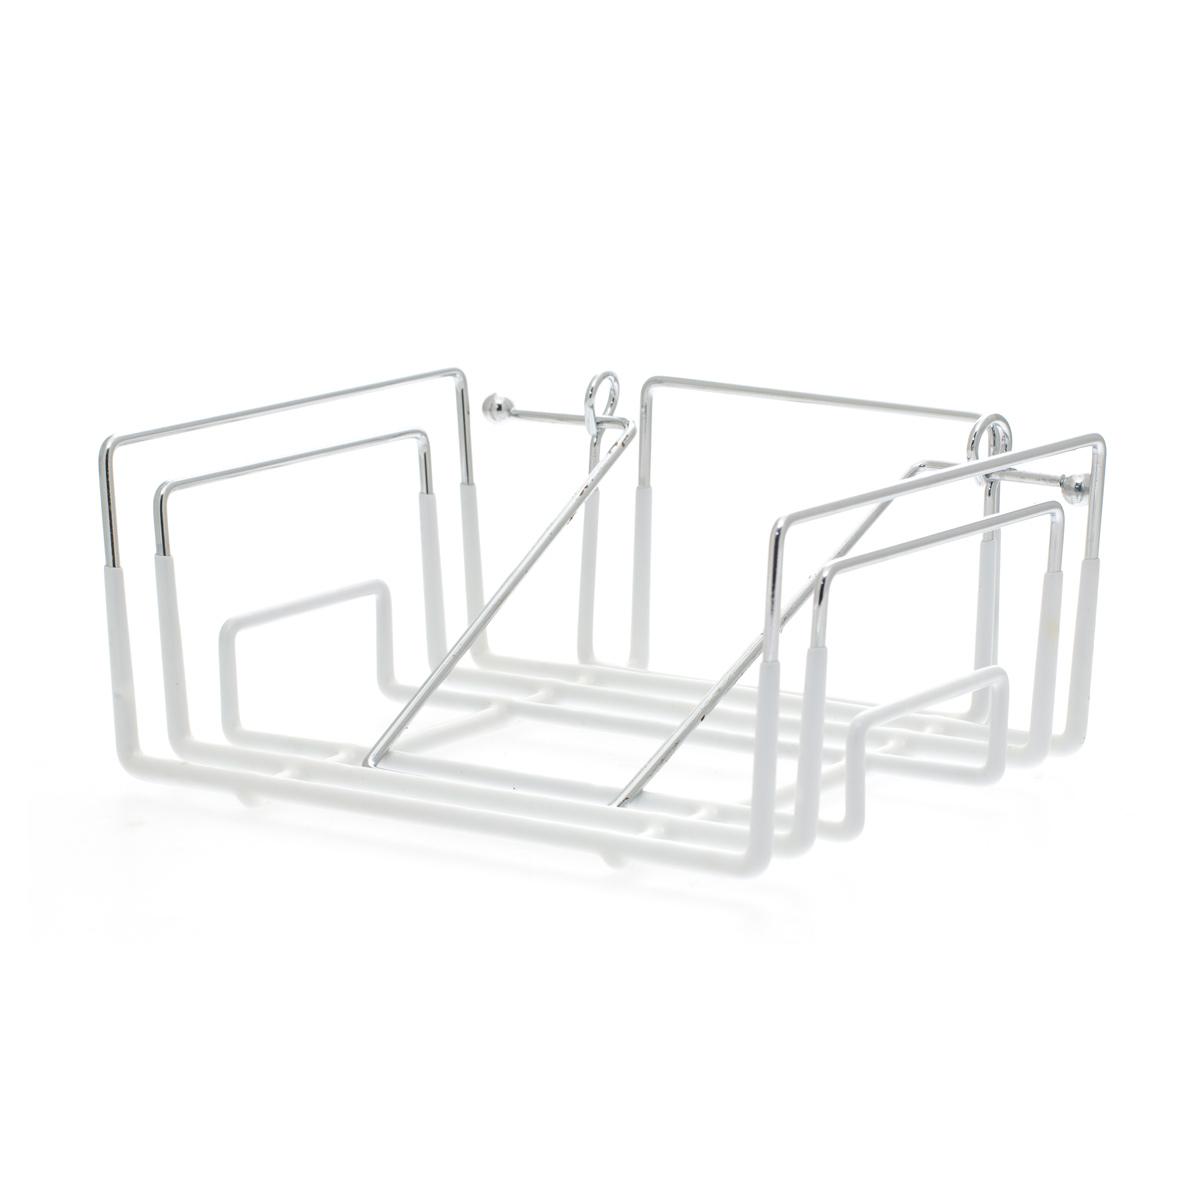 Χαρτοπετσετοθήκη Άννα Λύση No240 Λευκό 2345/45